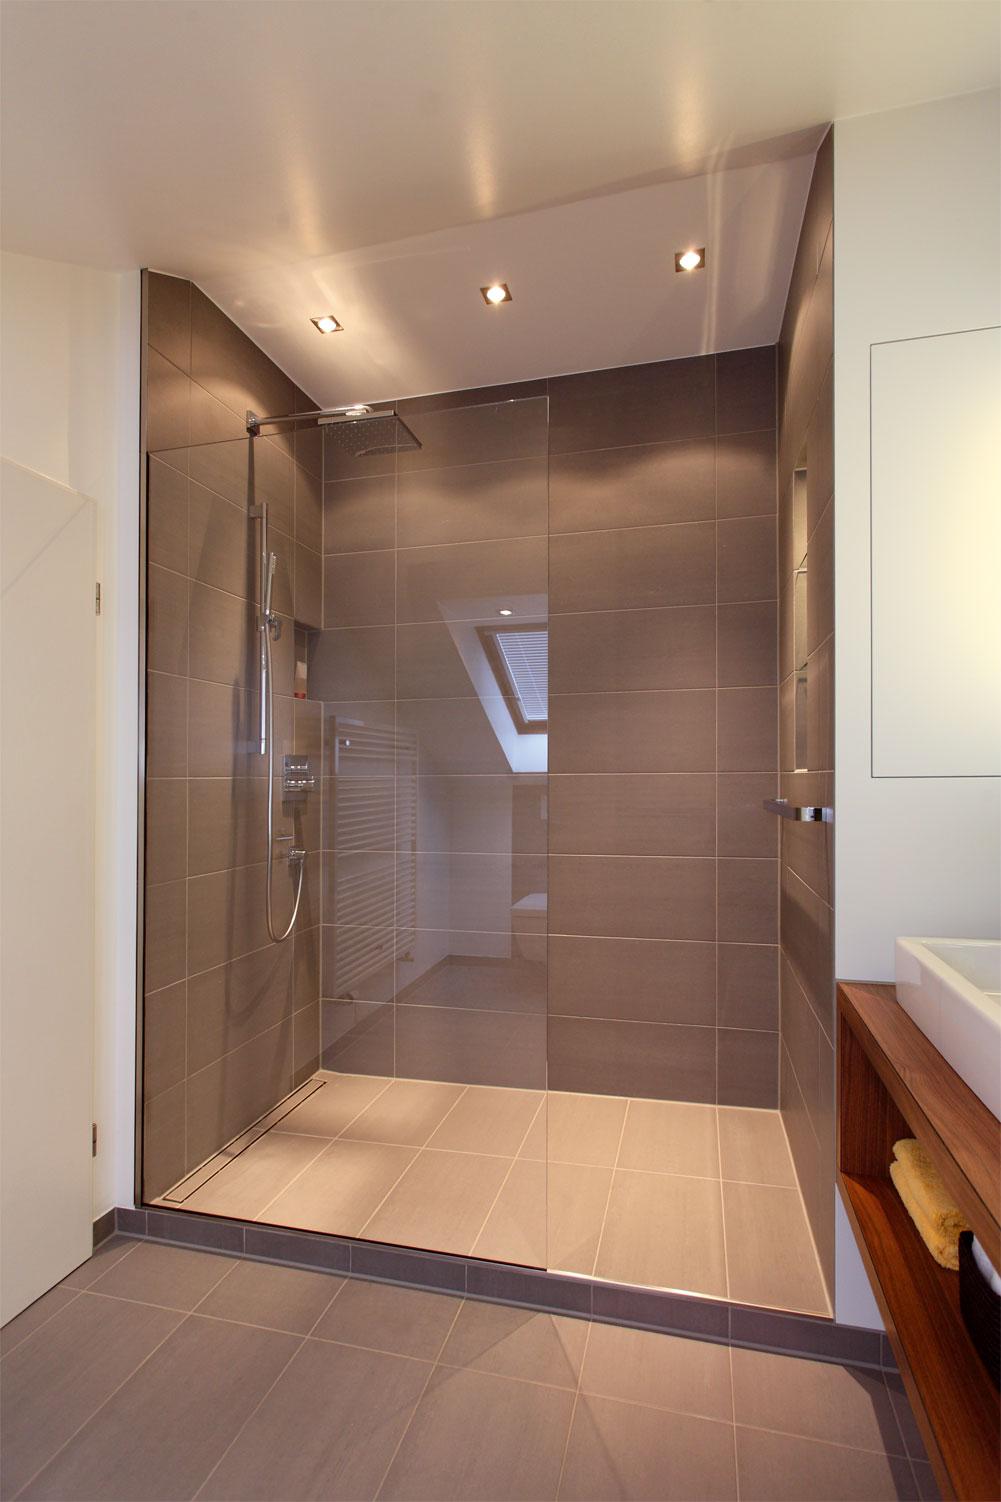 umbau eines badezimmers mit schr ge in m nster raumfabrik. Black Bedroom Furniture Sets. Home Design Ideas